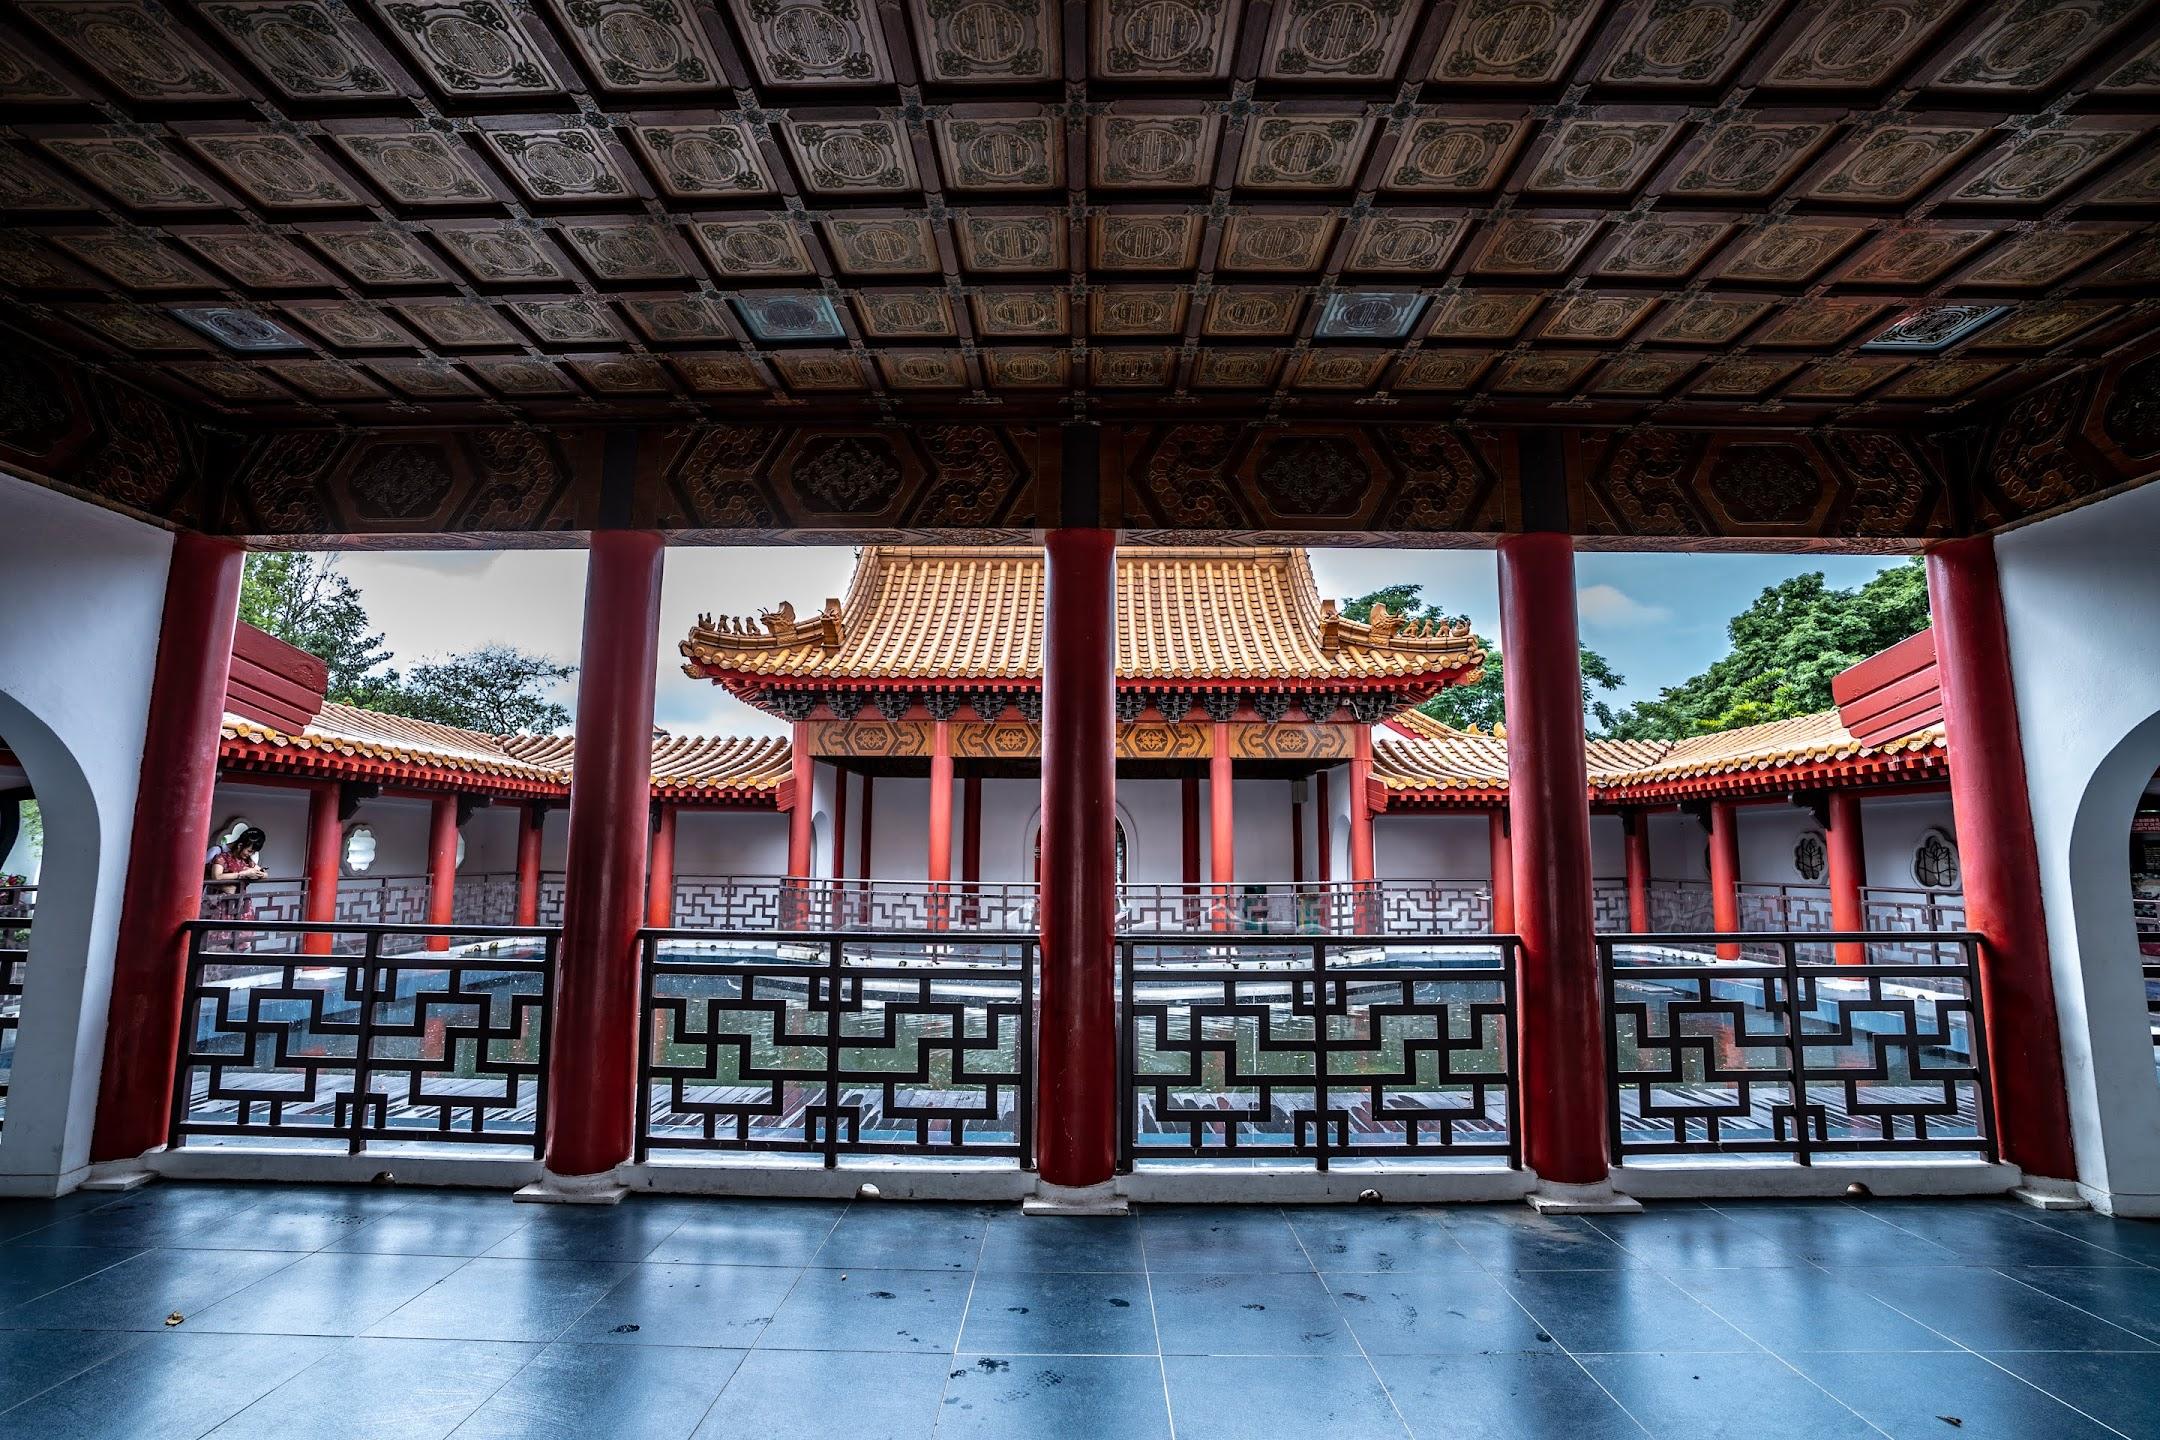 シンガポール チャイニーズ・ガーデン (Chinese Garden) 5